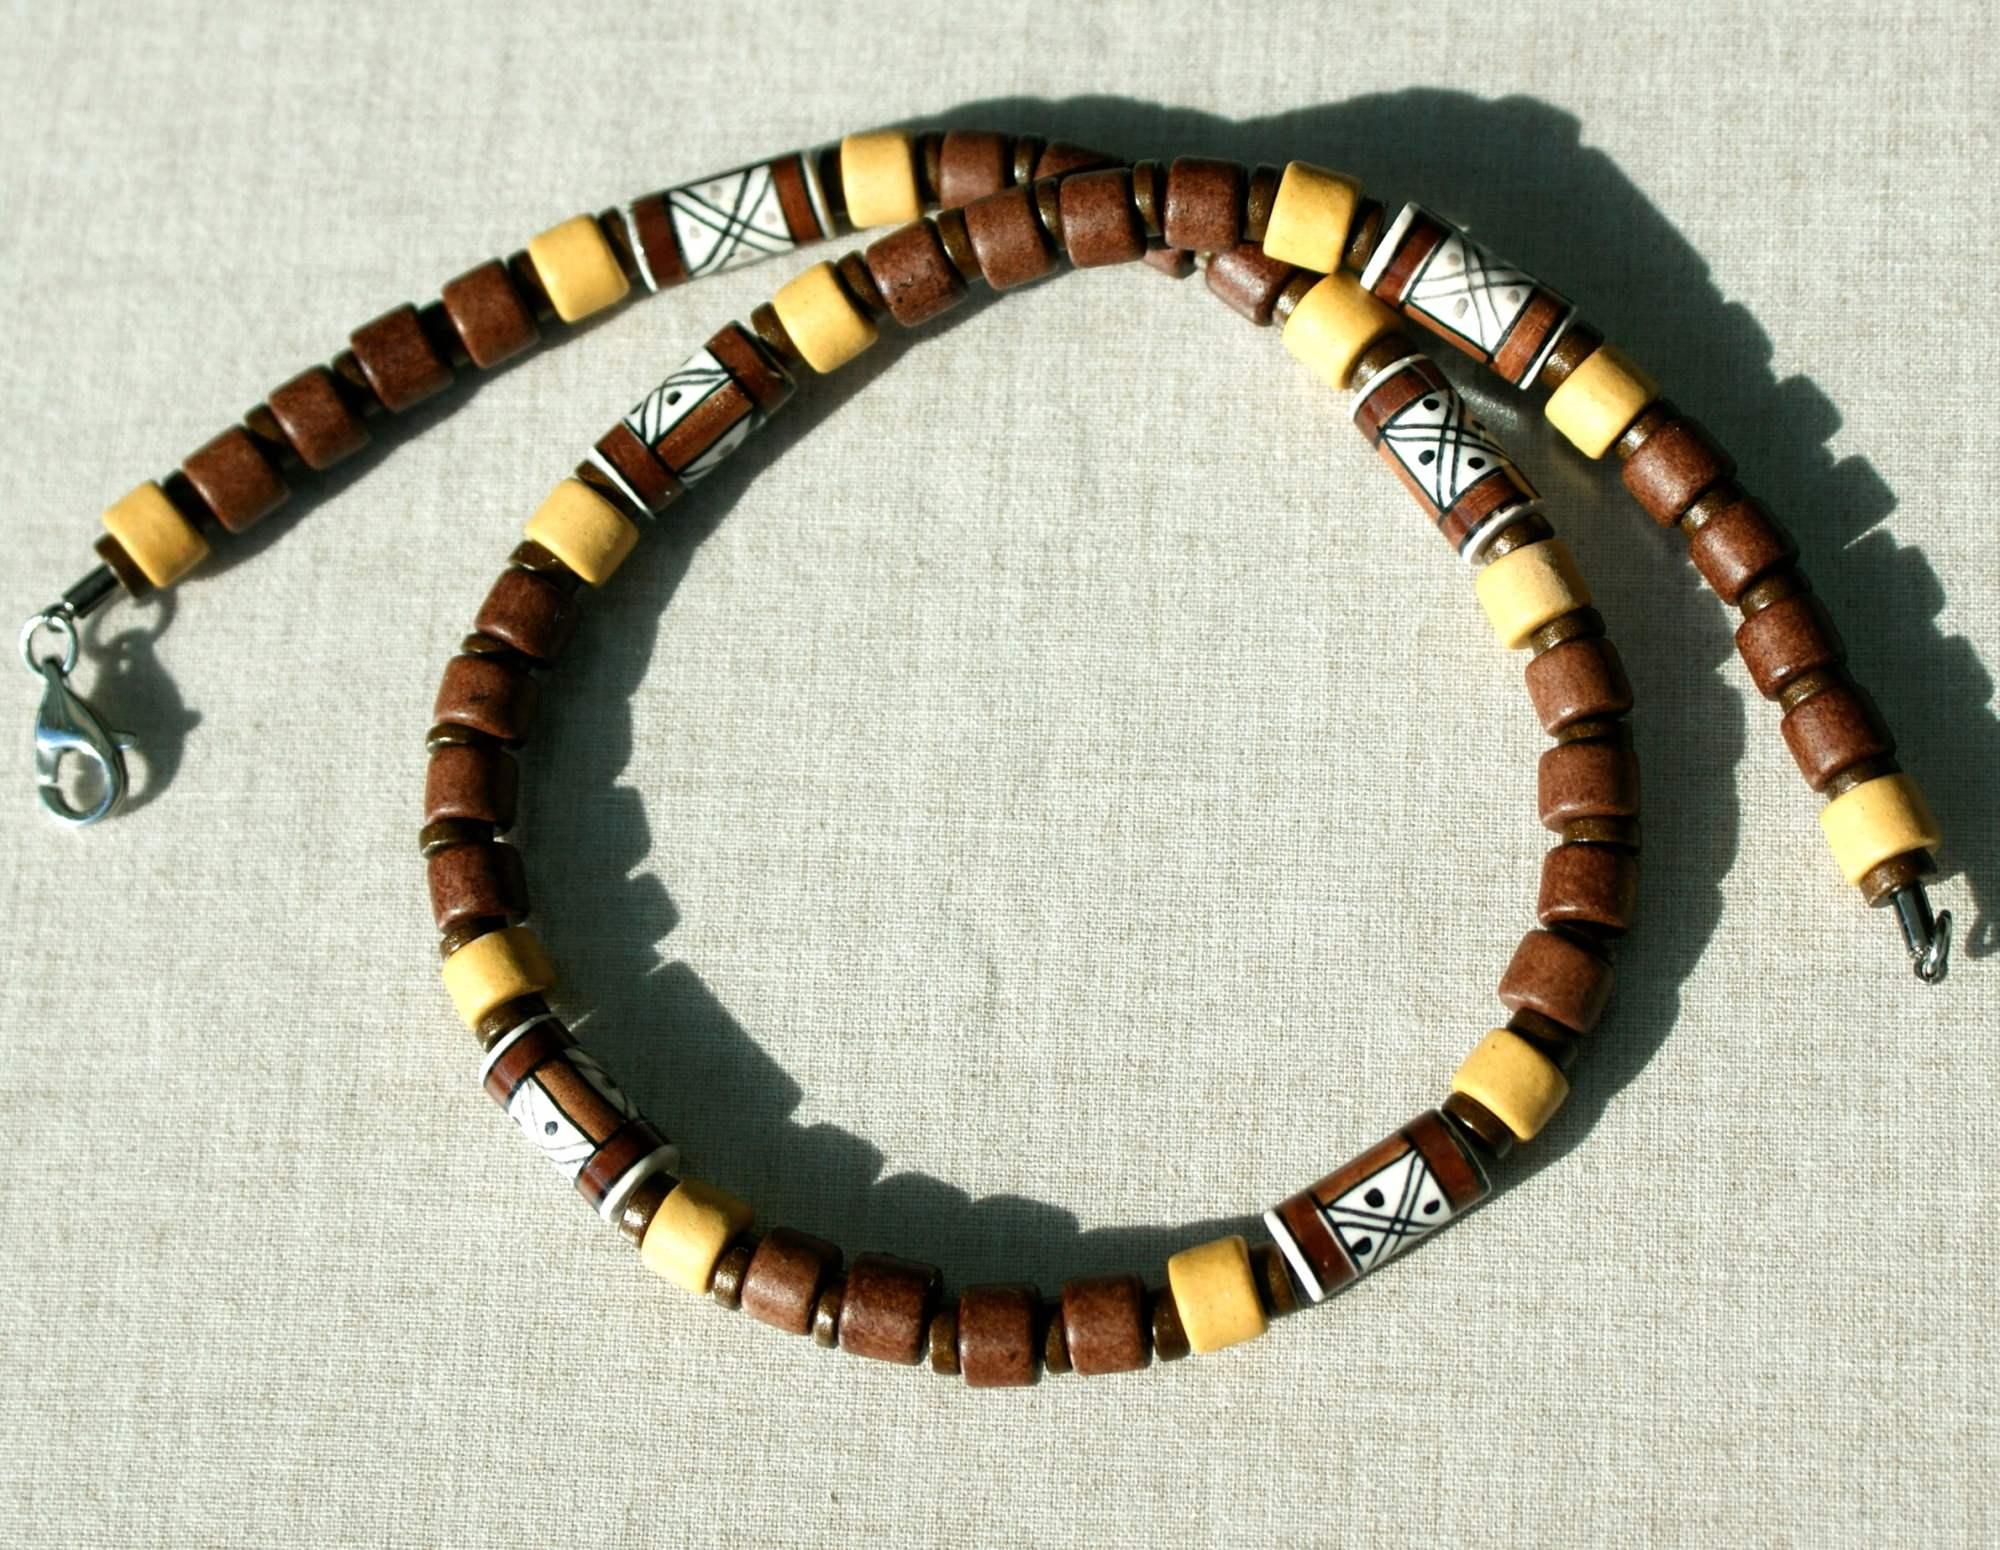 Kleinesbild - Kette für Männer  BRAUNTÖNE   Keramik Leder Edelstahl Peru handbemalt schmal leicht schlicht dezent